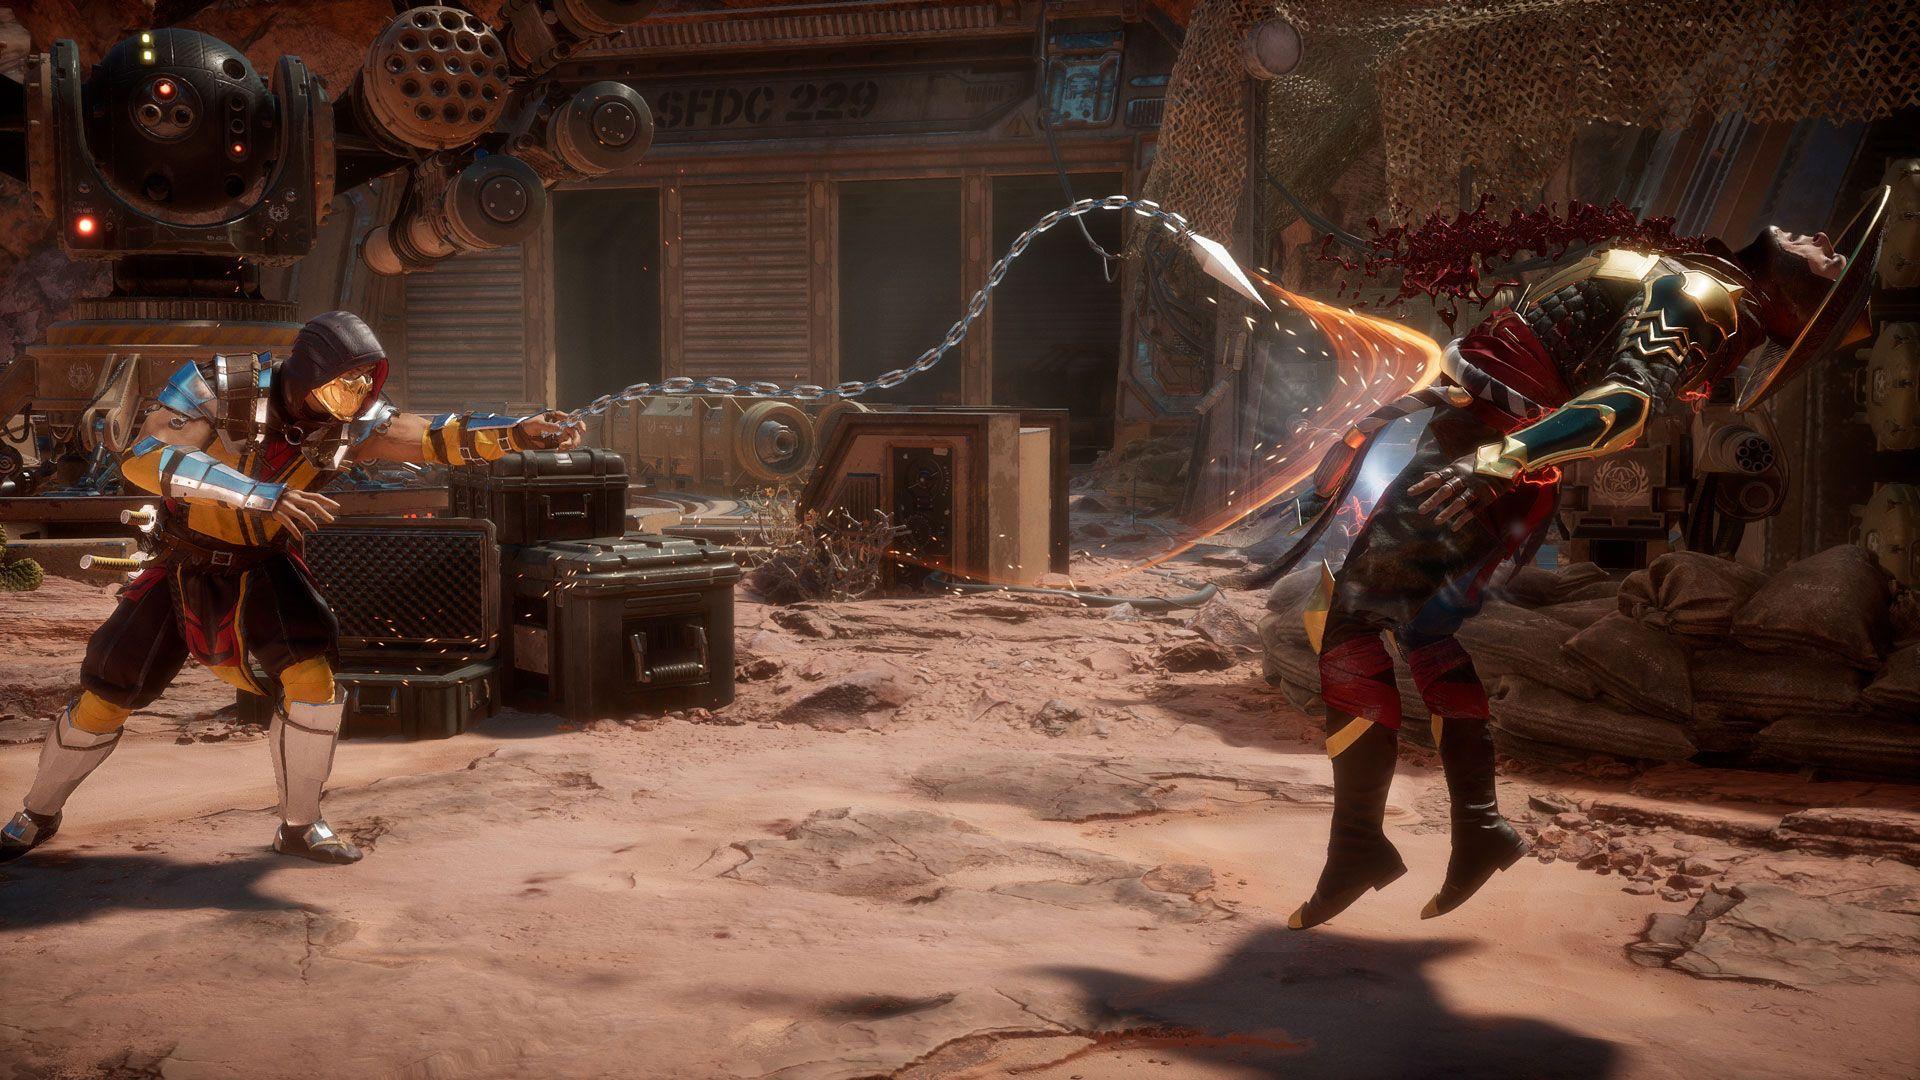 mortal-kombat-11 scorpion dark raiden